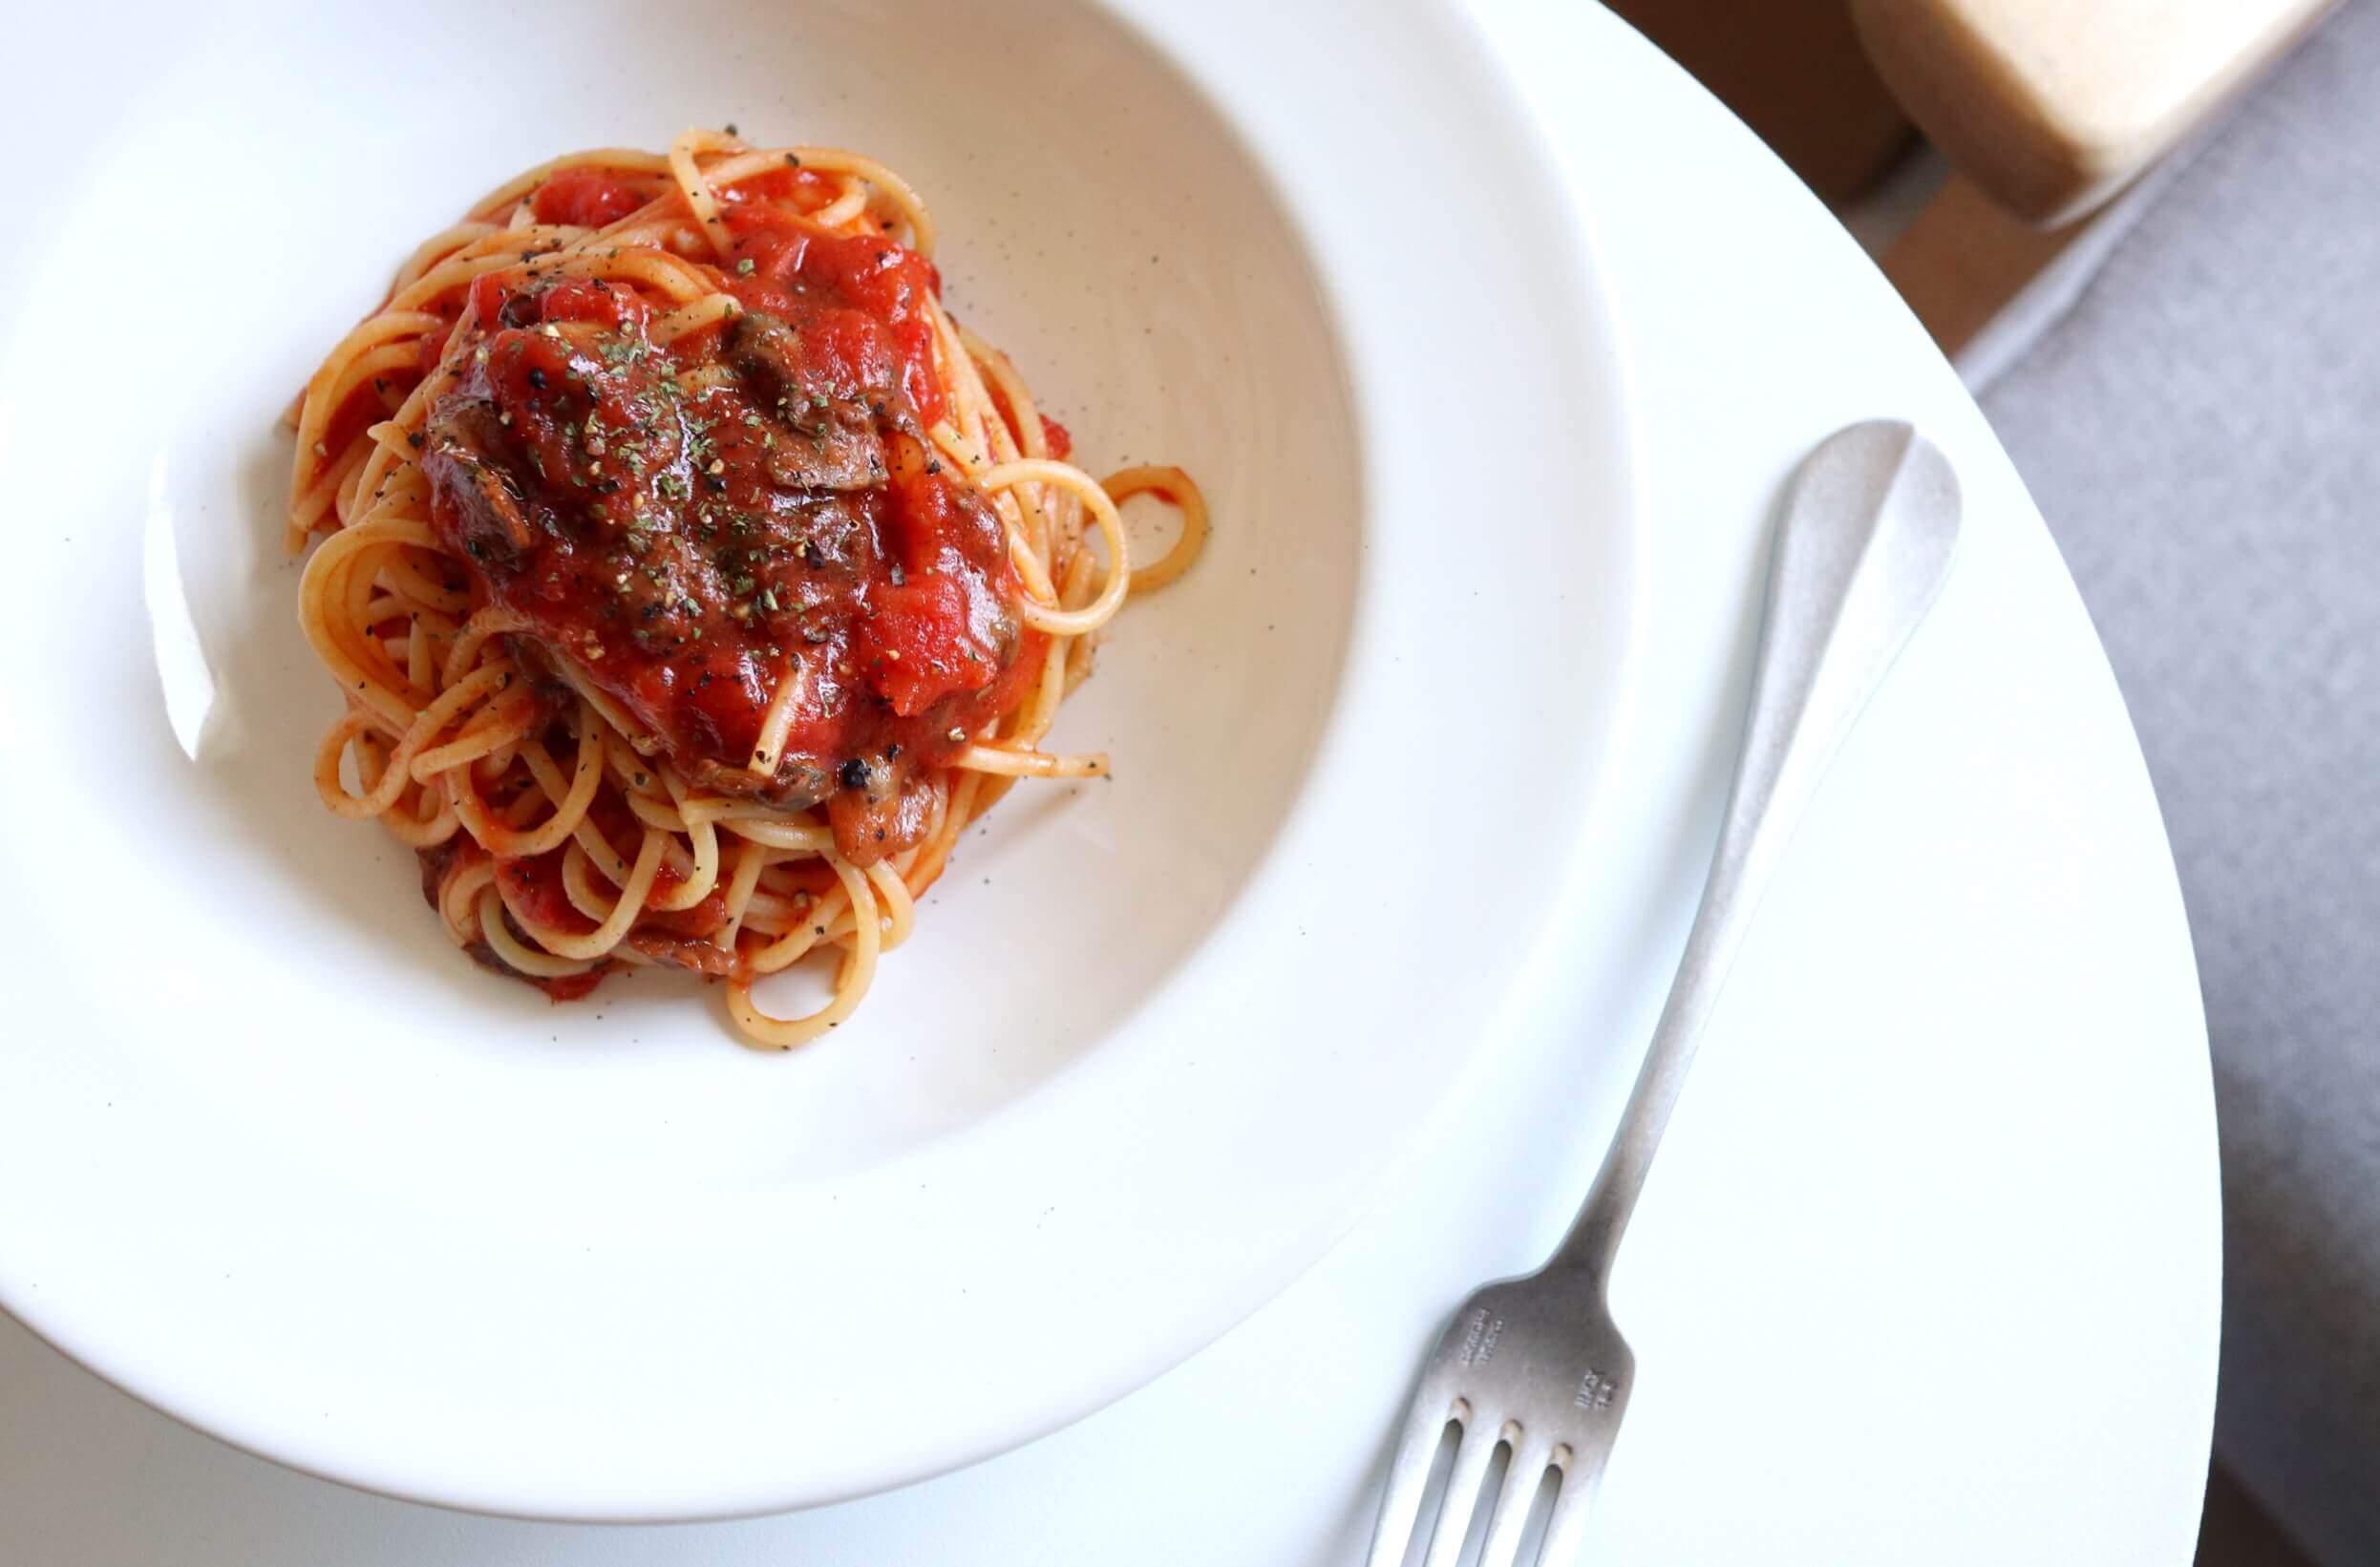 【缶詰で簡単!】赤貝のトマトパスタのレシピ